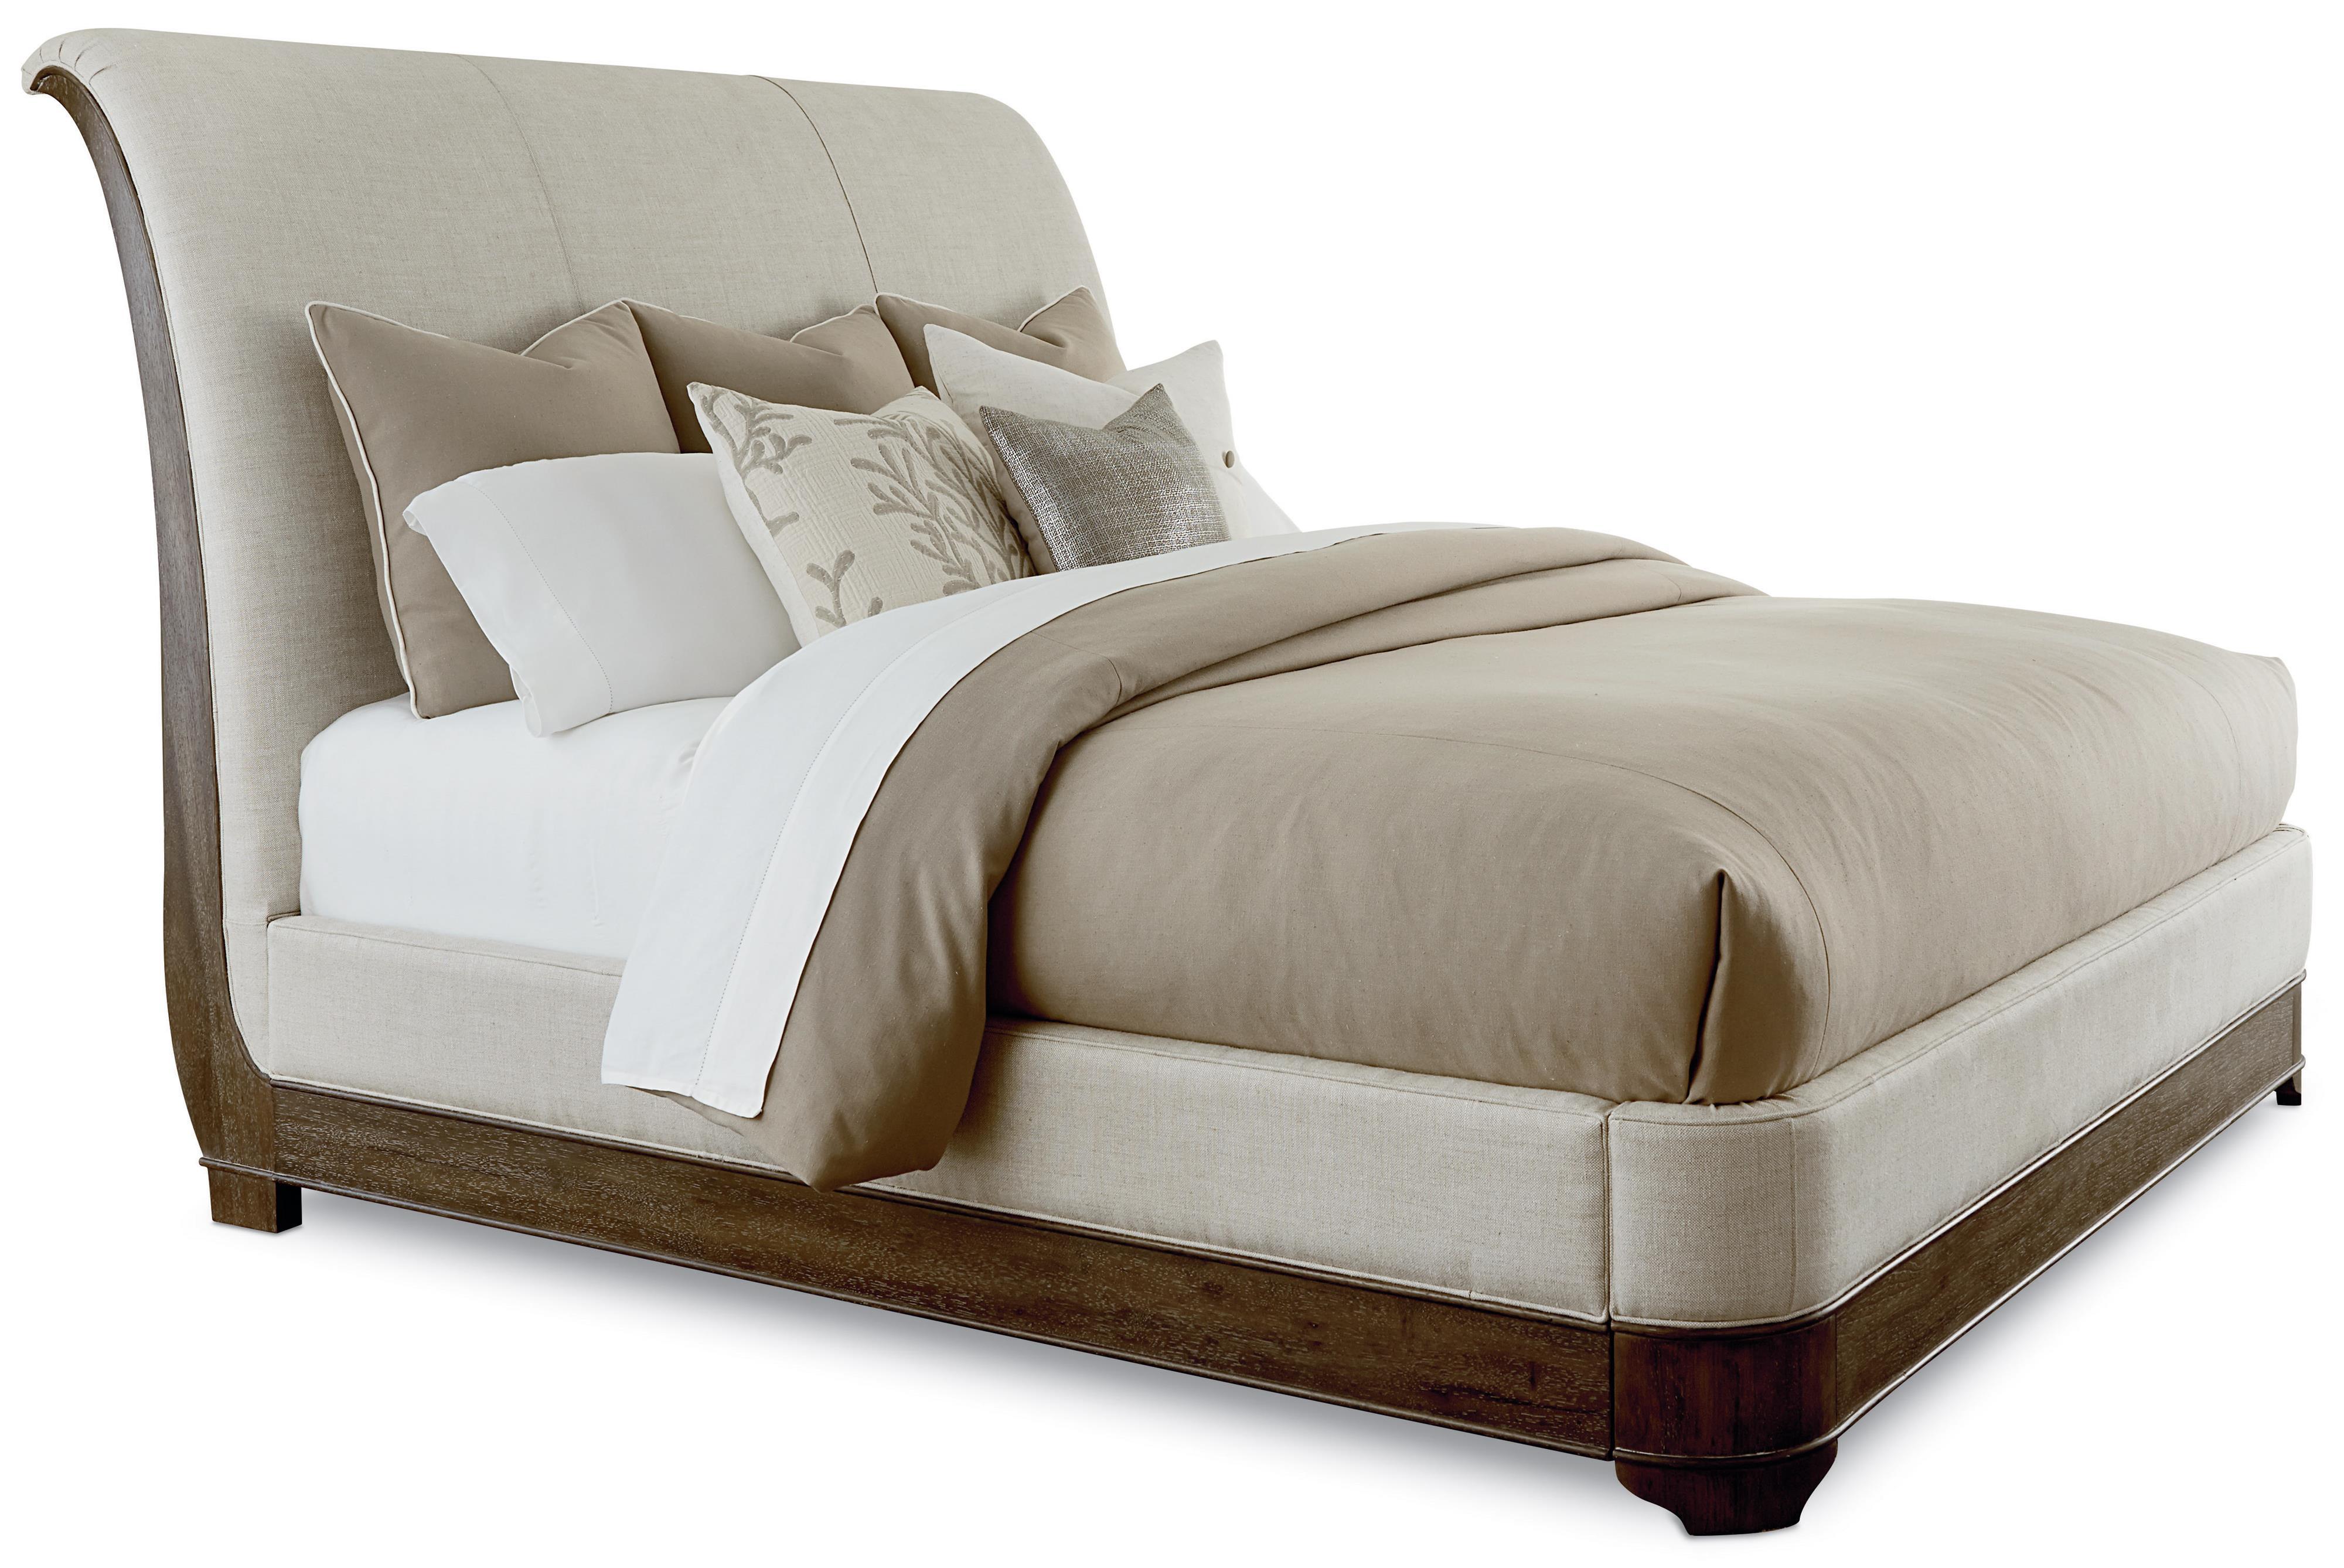 a r t furniture inc saint germain queen upholstered a r t furniture saint germain upholstered sleigh bed